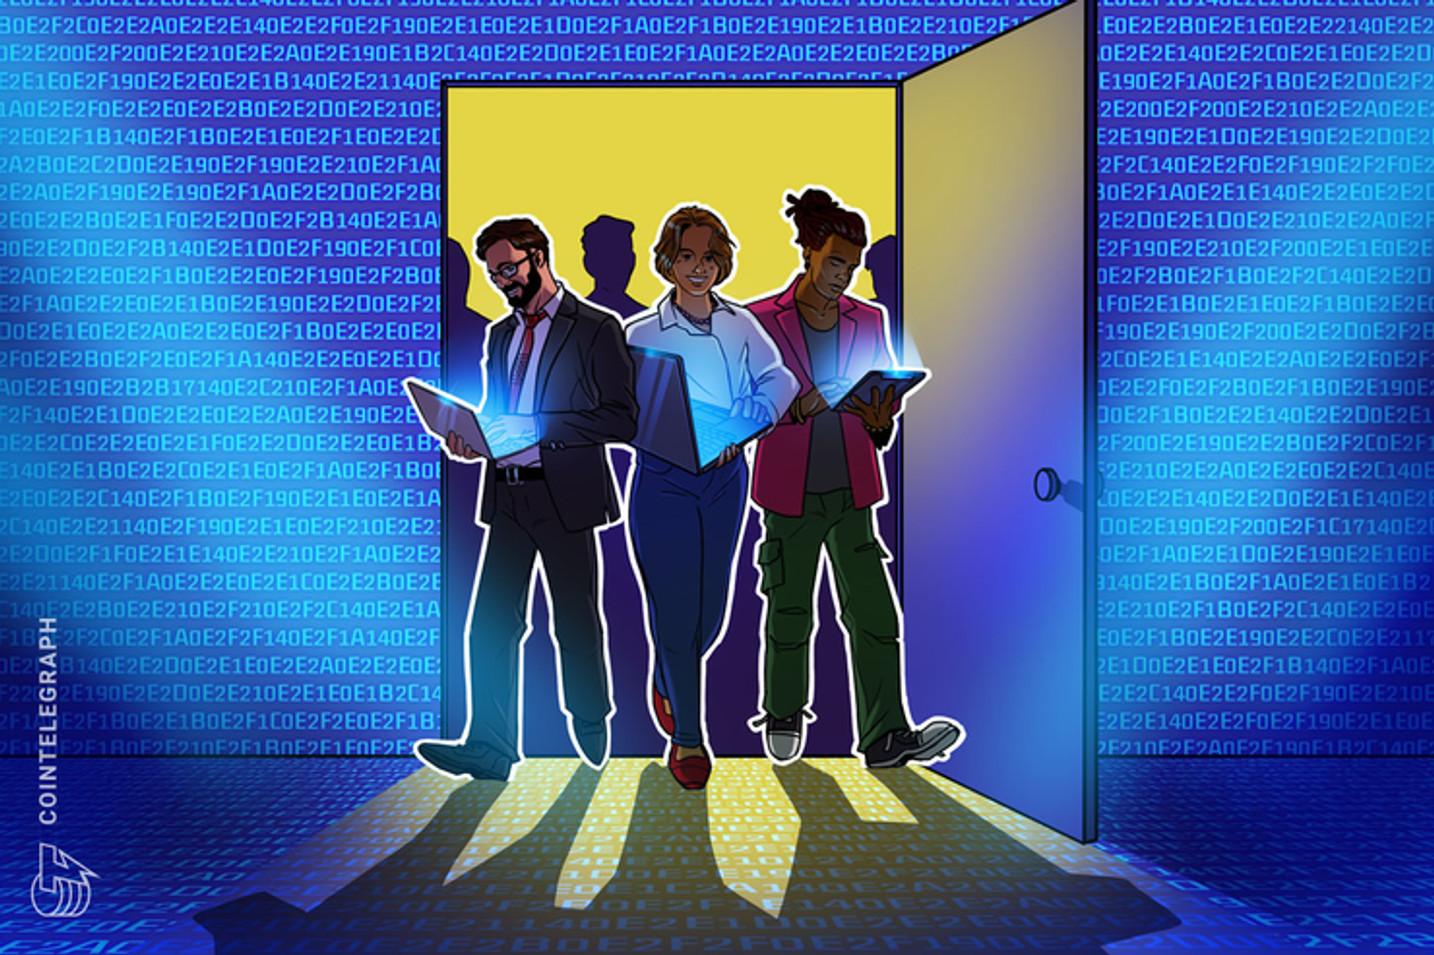 Escola oferece 2.500 vagas em curso de online e gratuito de pós-graduação em Machine Learning, Analista de Dados e Cibersecurity